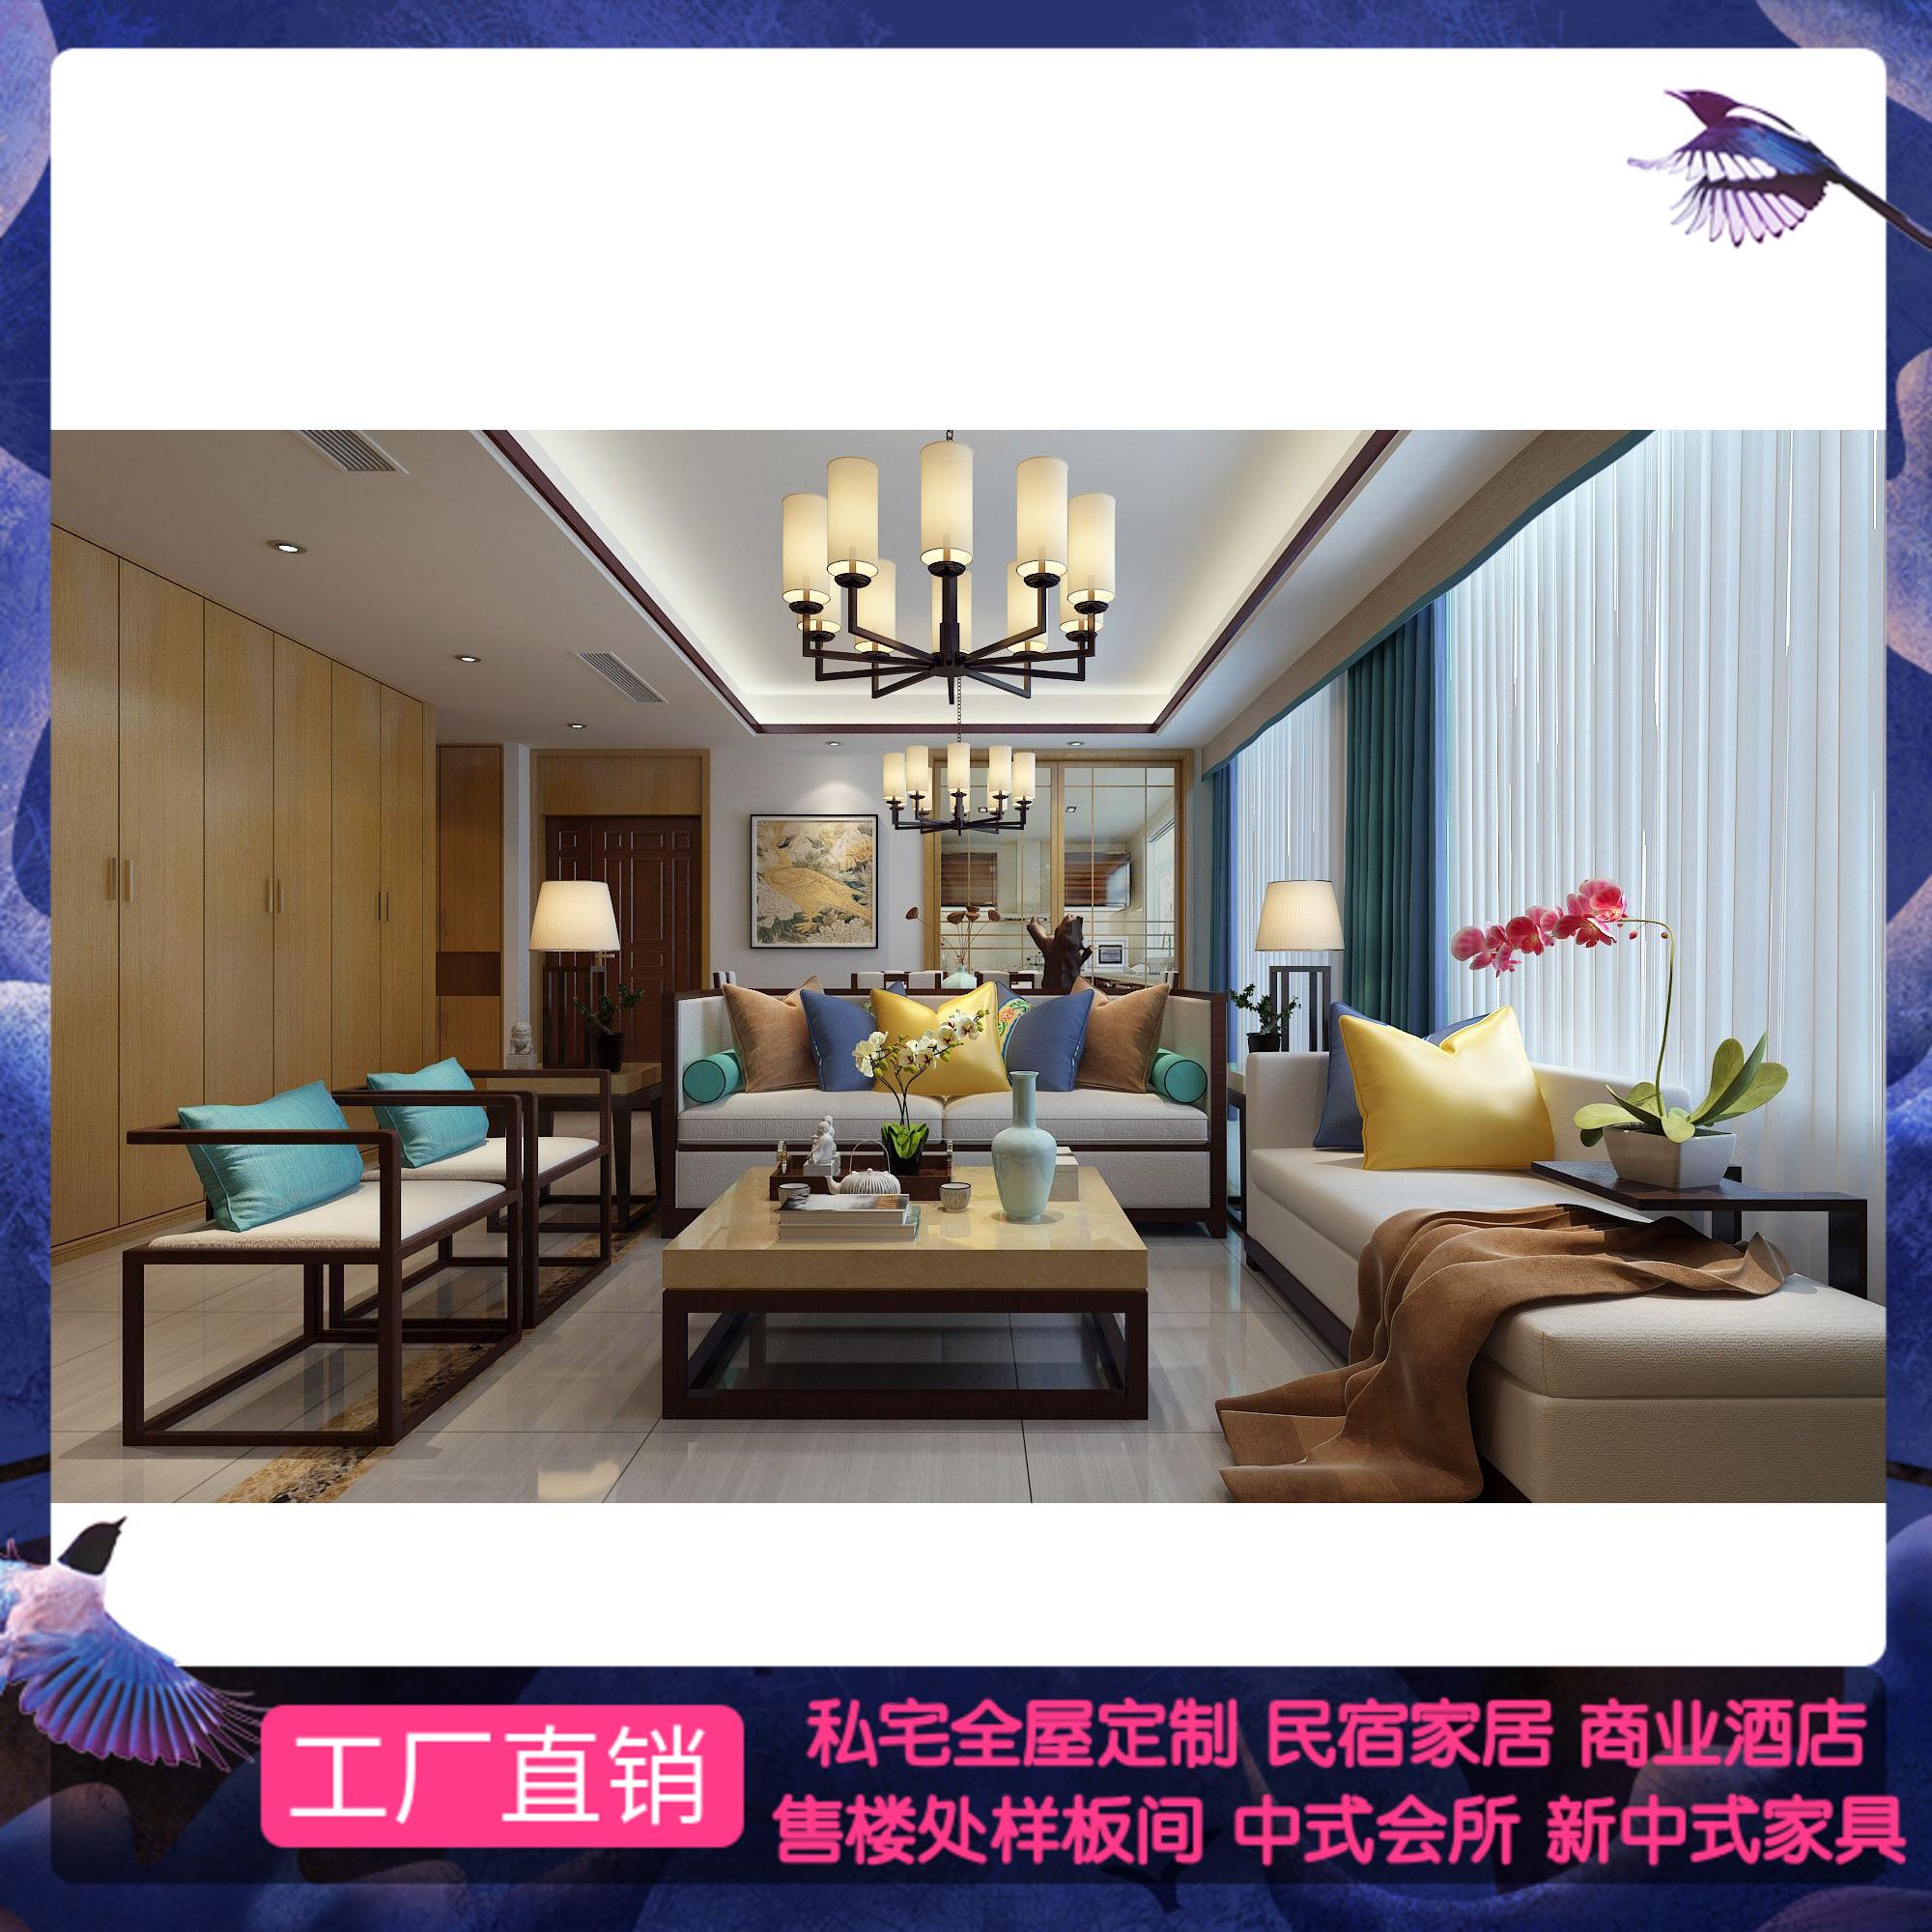 券后870.20元新中式实木沙发客厅后现代沙发组合别墅样板房现代中式中式家具